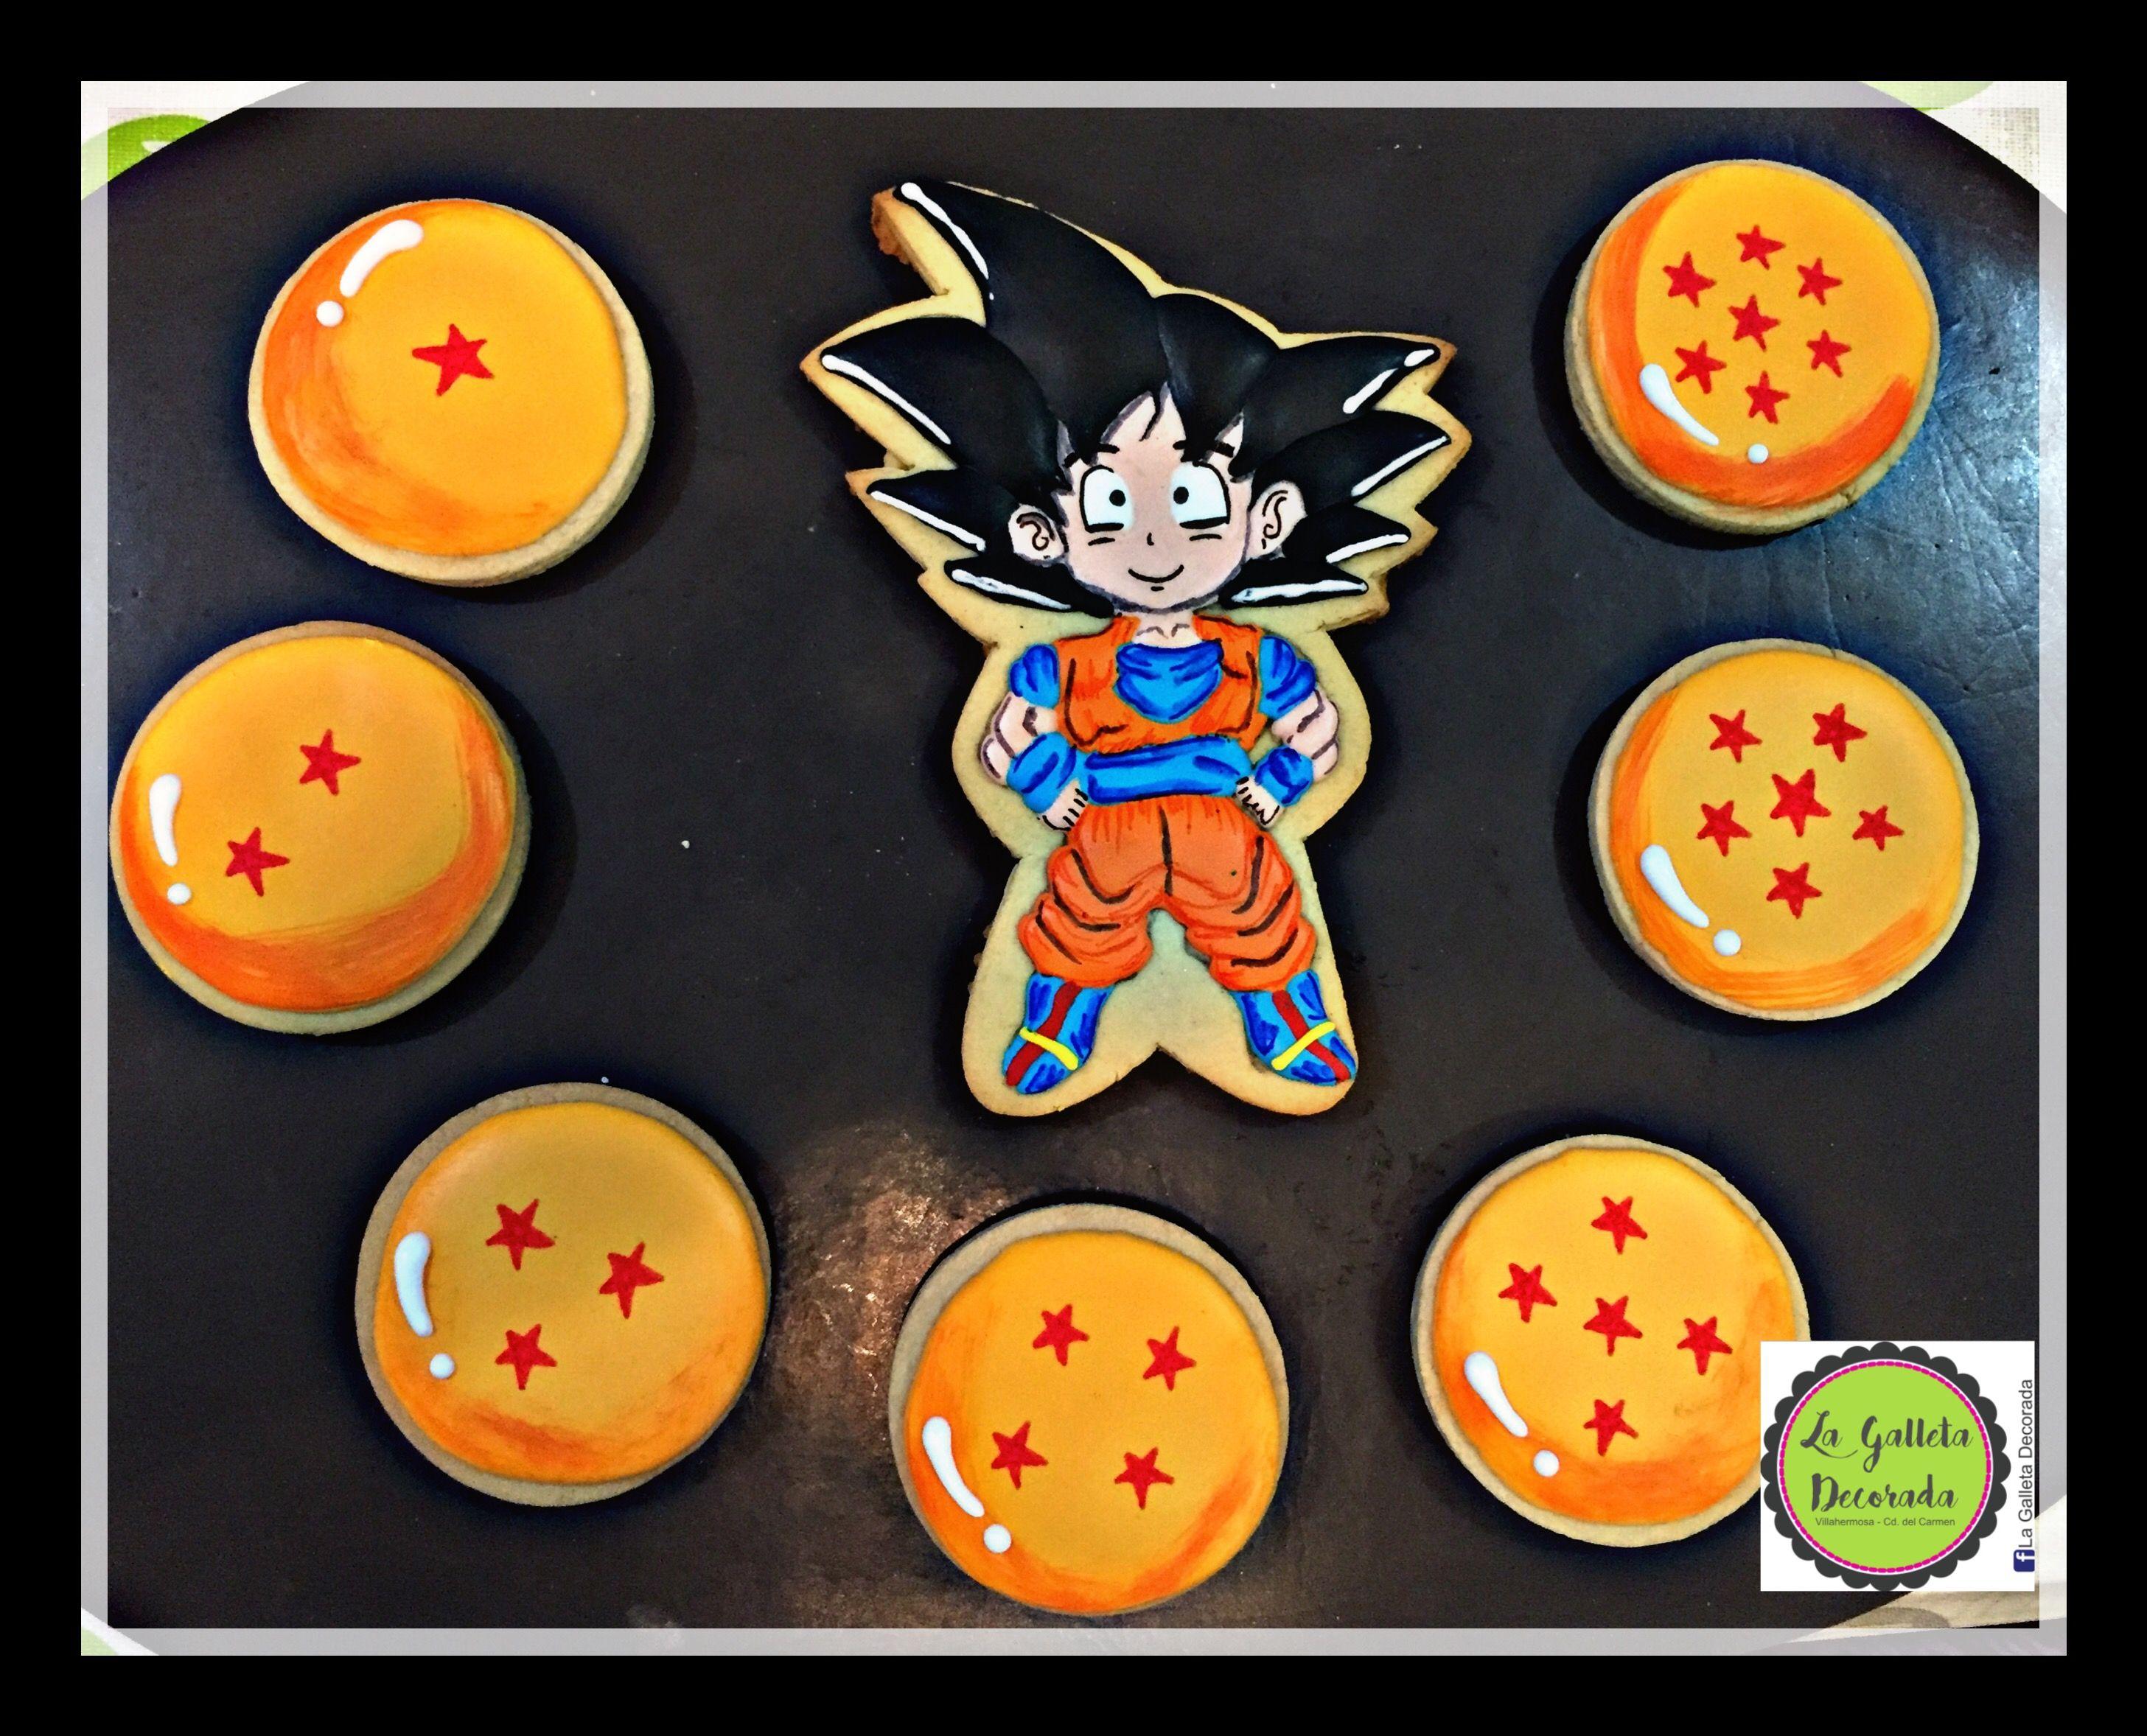 Galletas Goku Esferas Del Dragon Galletas Decoracion De Galletas Galletas Decoradas